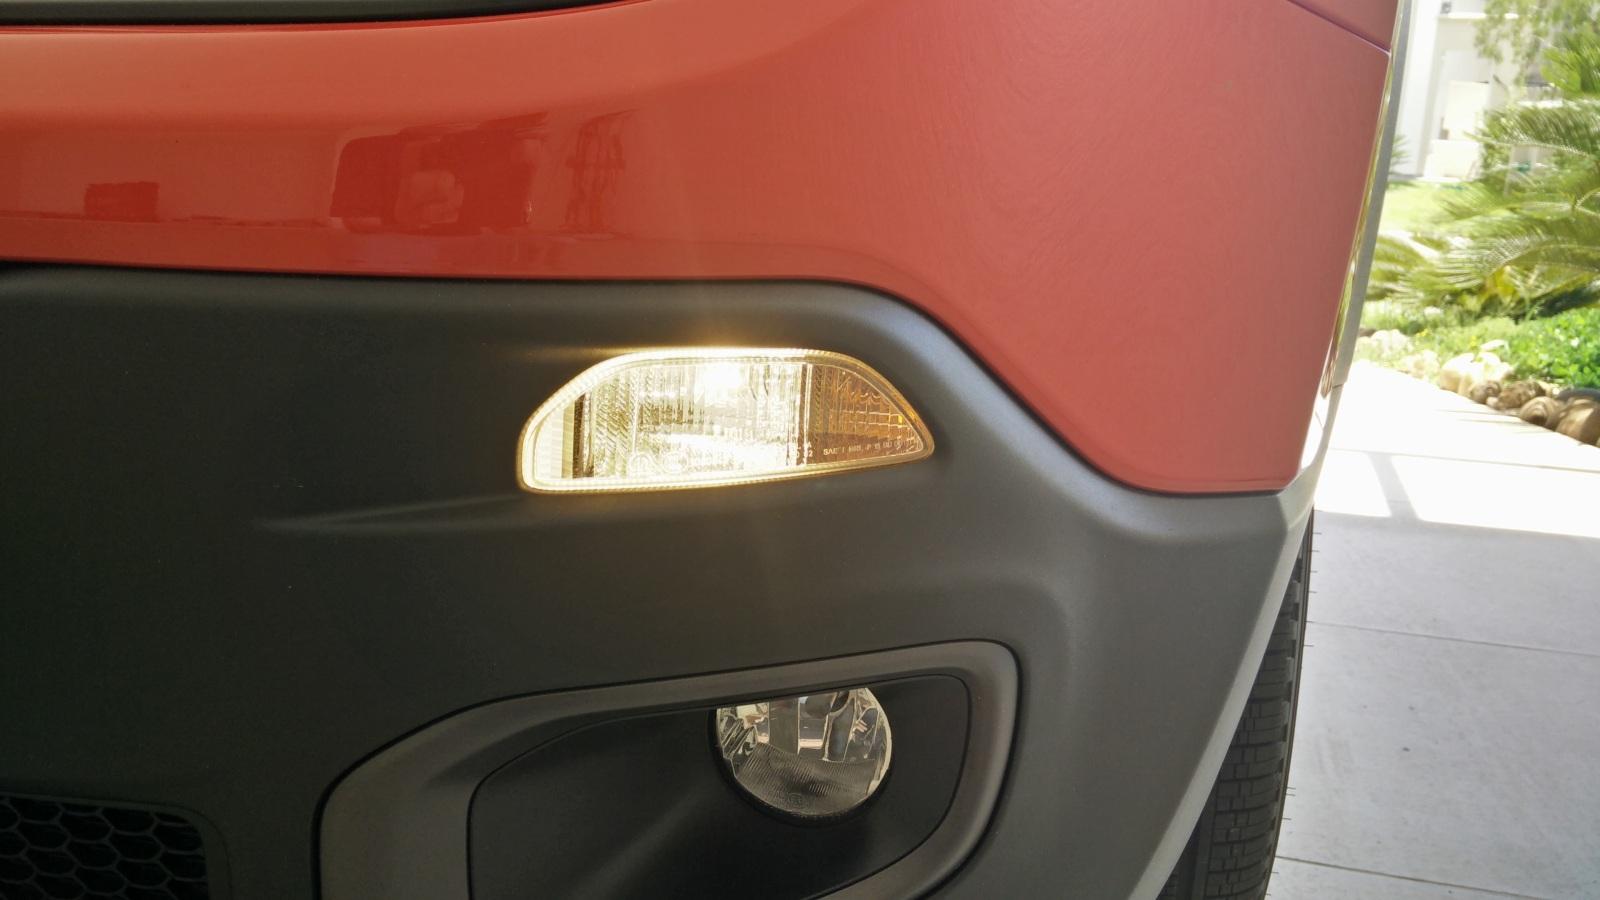 Substituição das lâmpadas internas e do DRL por LED - Página 10 2q0iom0